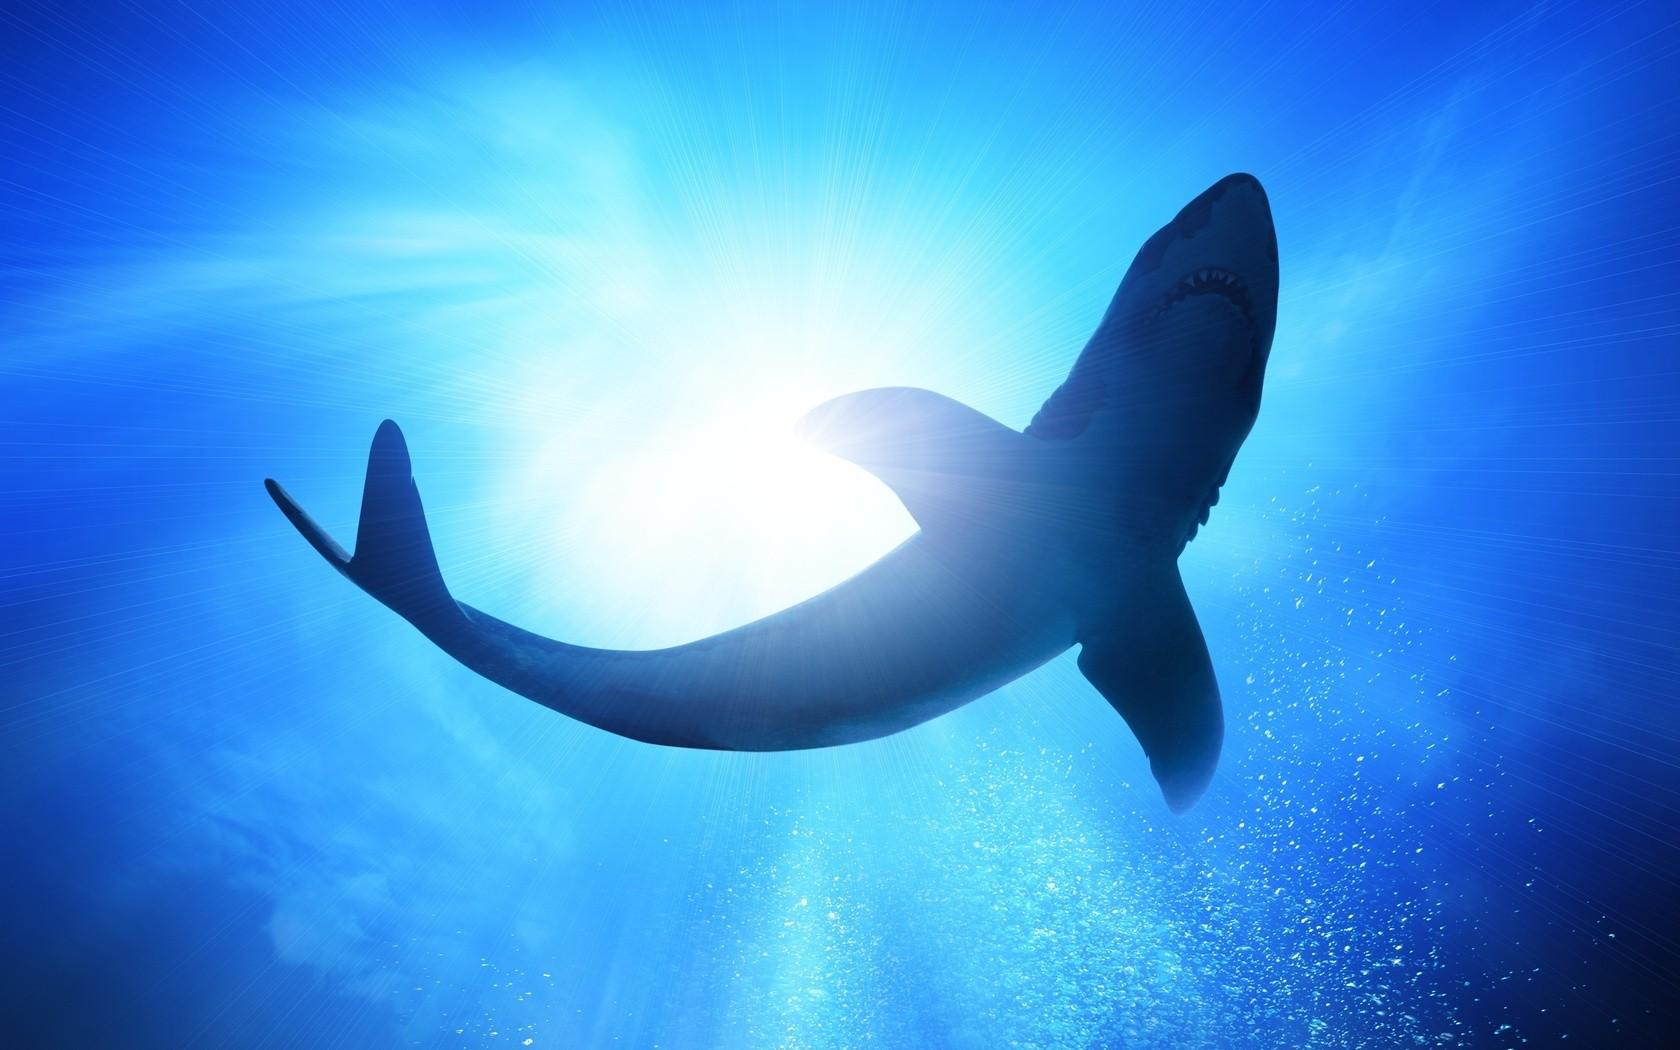 デスクトップ壁紙 鮫 青 水中 スティングレイ 翼 脊椎動物